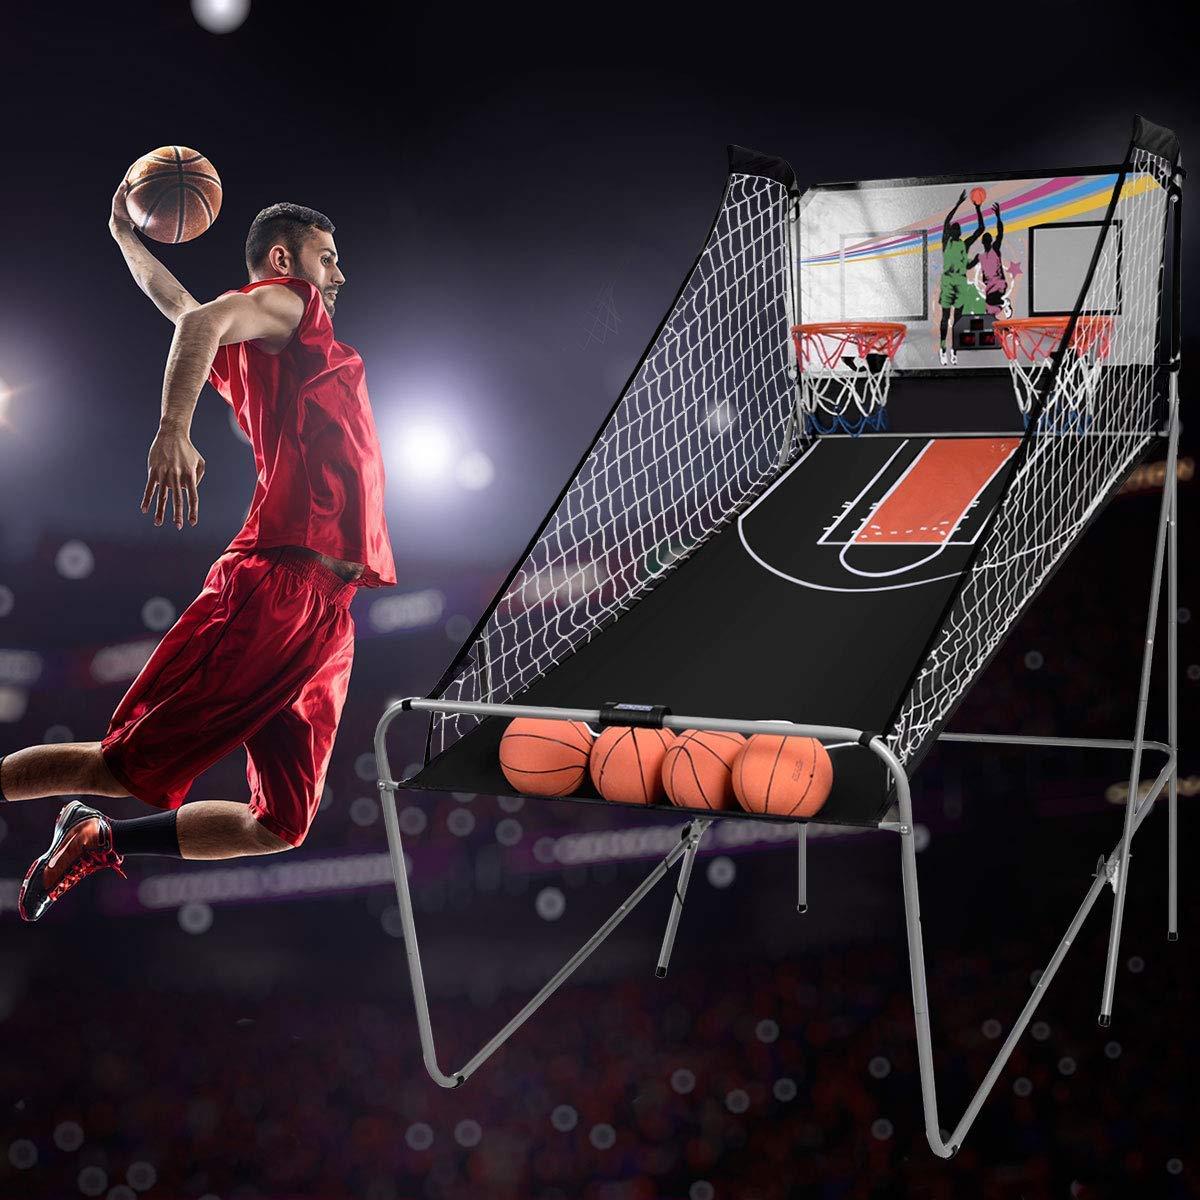 COSTWAY Juego de Canastas Plegable Máquina de Baloncesto Juguete Contador Electrónico con Soporete Red Cesta de Baloncesto 4 Baloncestos: Amazon.es: Deportes y aire libre